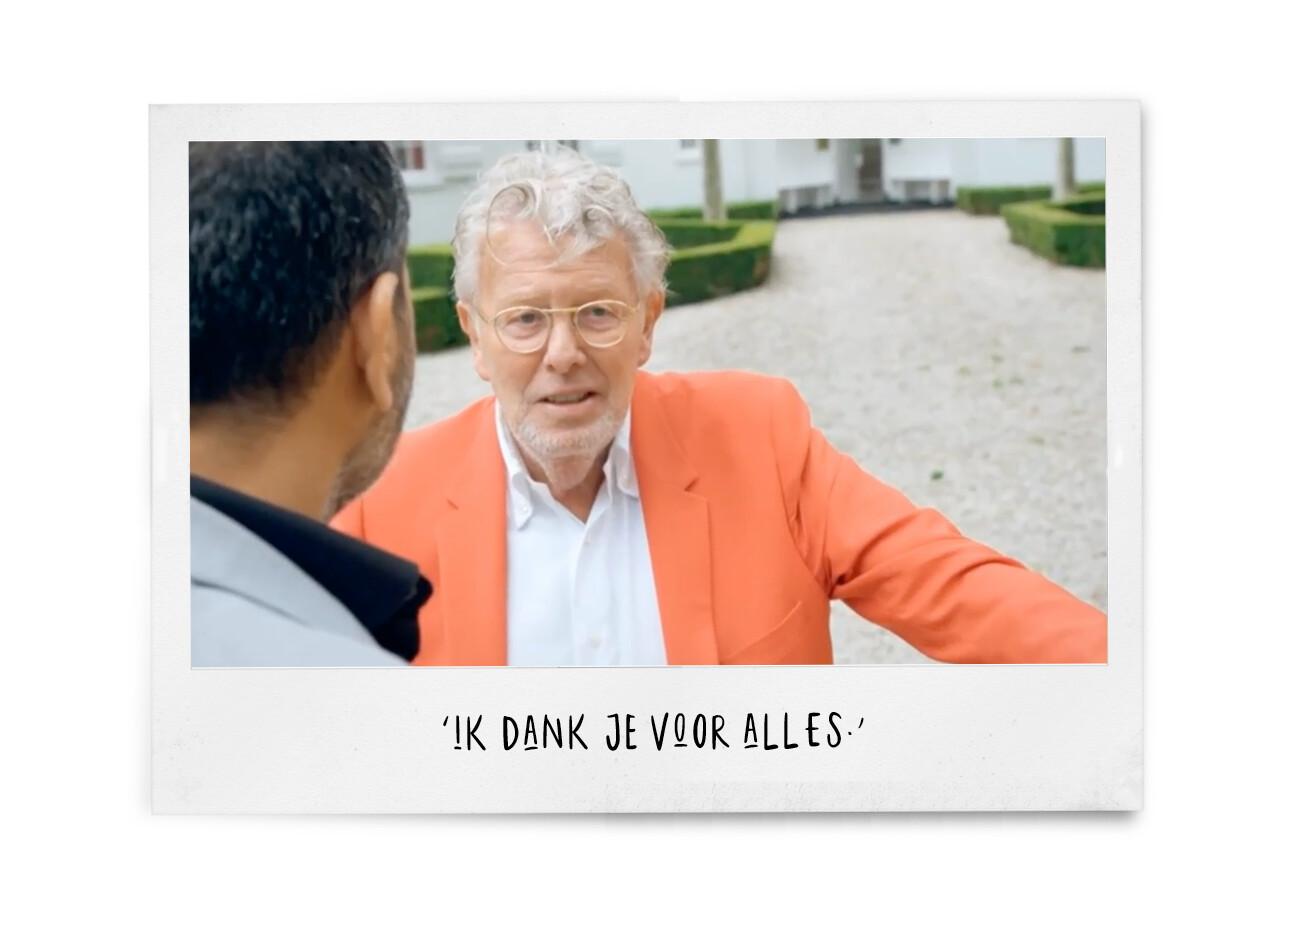 Jan des Bouvrie